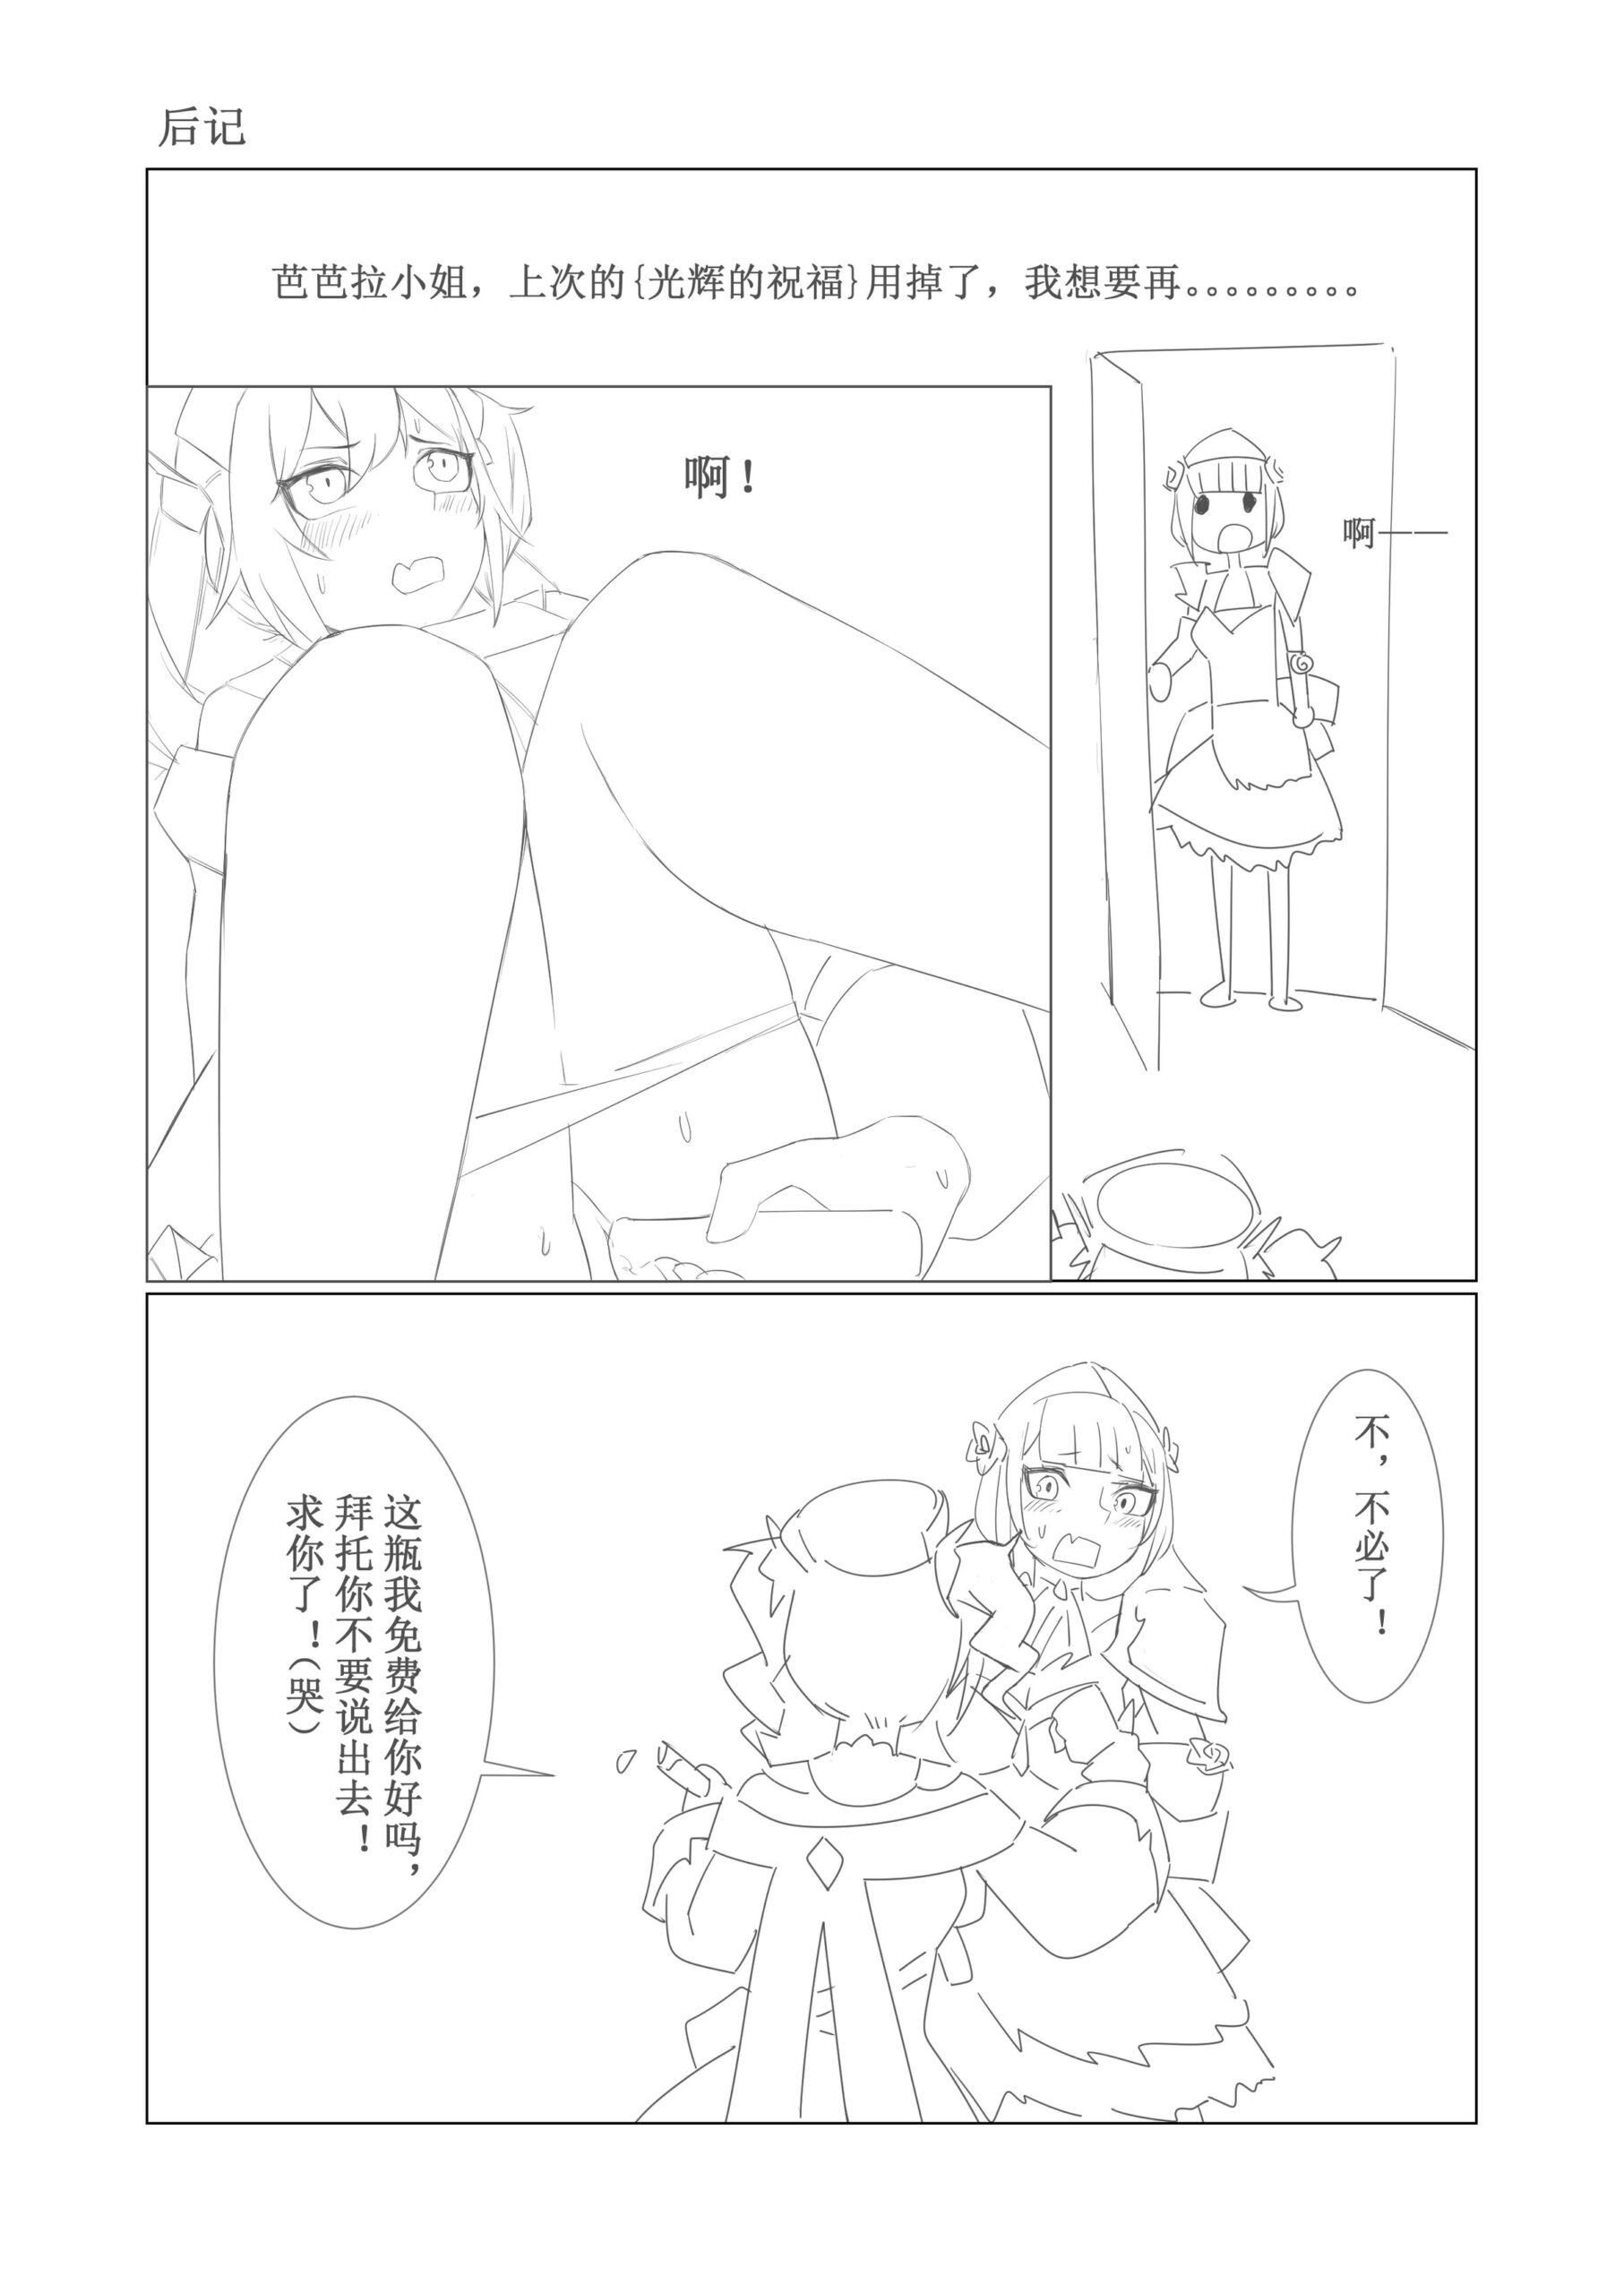 原神本子练习 (14) Hentai